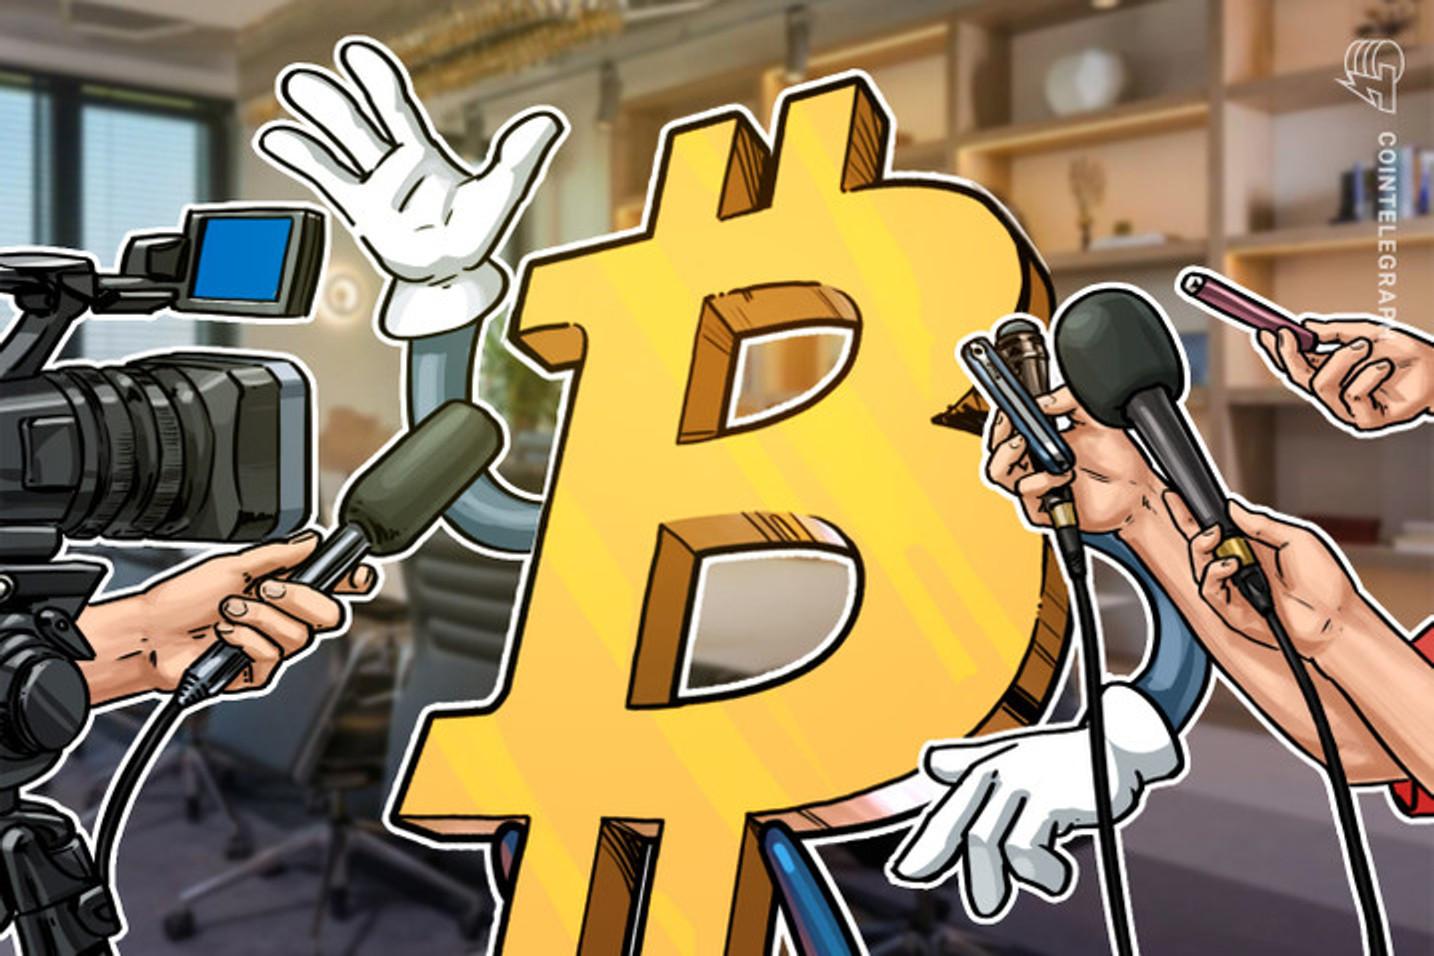 CEO de Crypto Digital Group muestra tres posibles aumentos en el precio de Bitcoin, por arriba de los USD 60,000